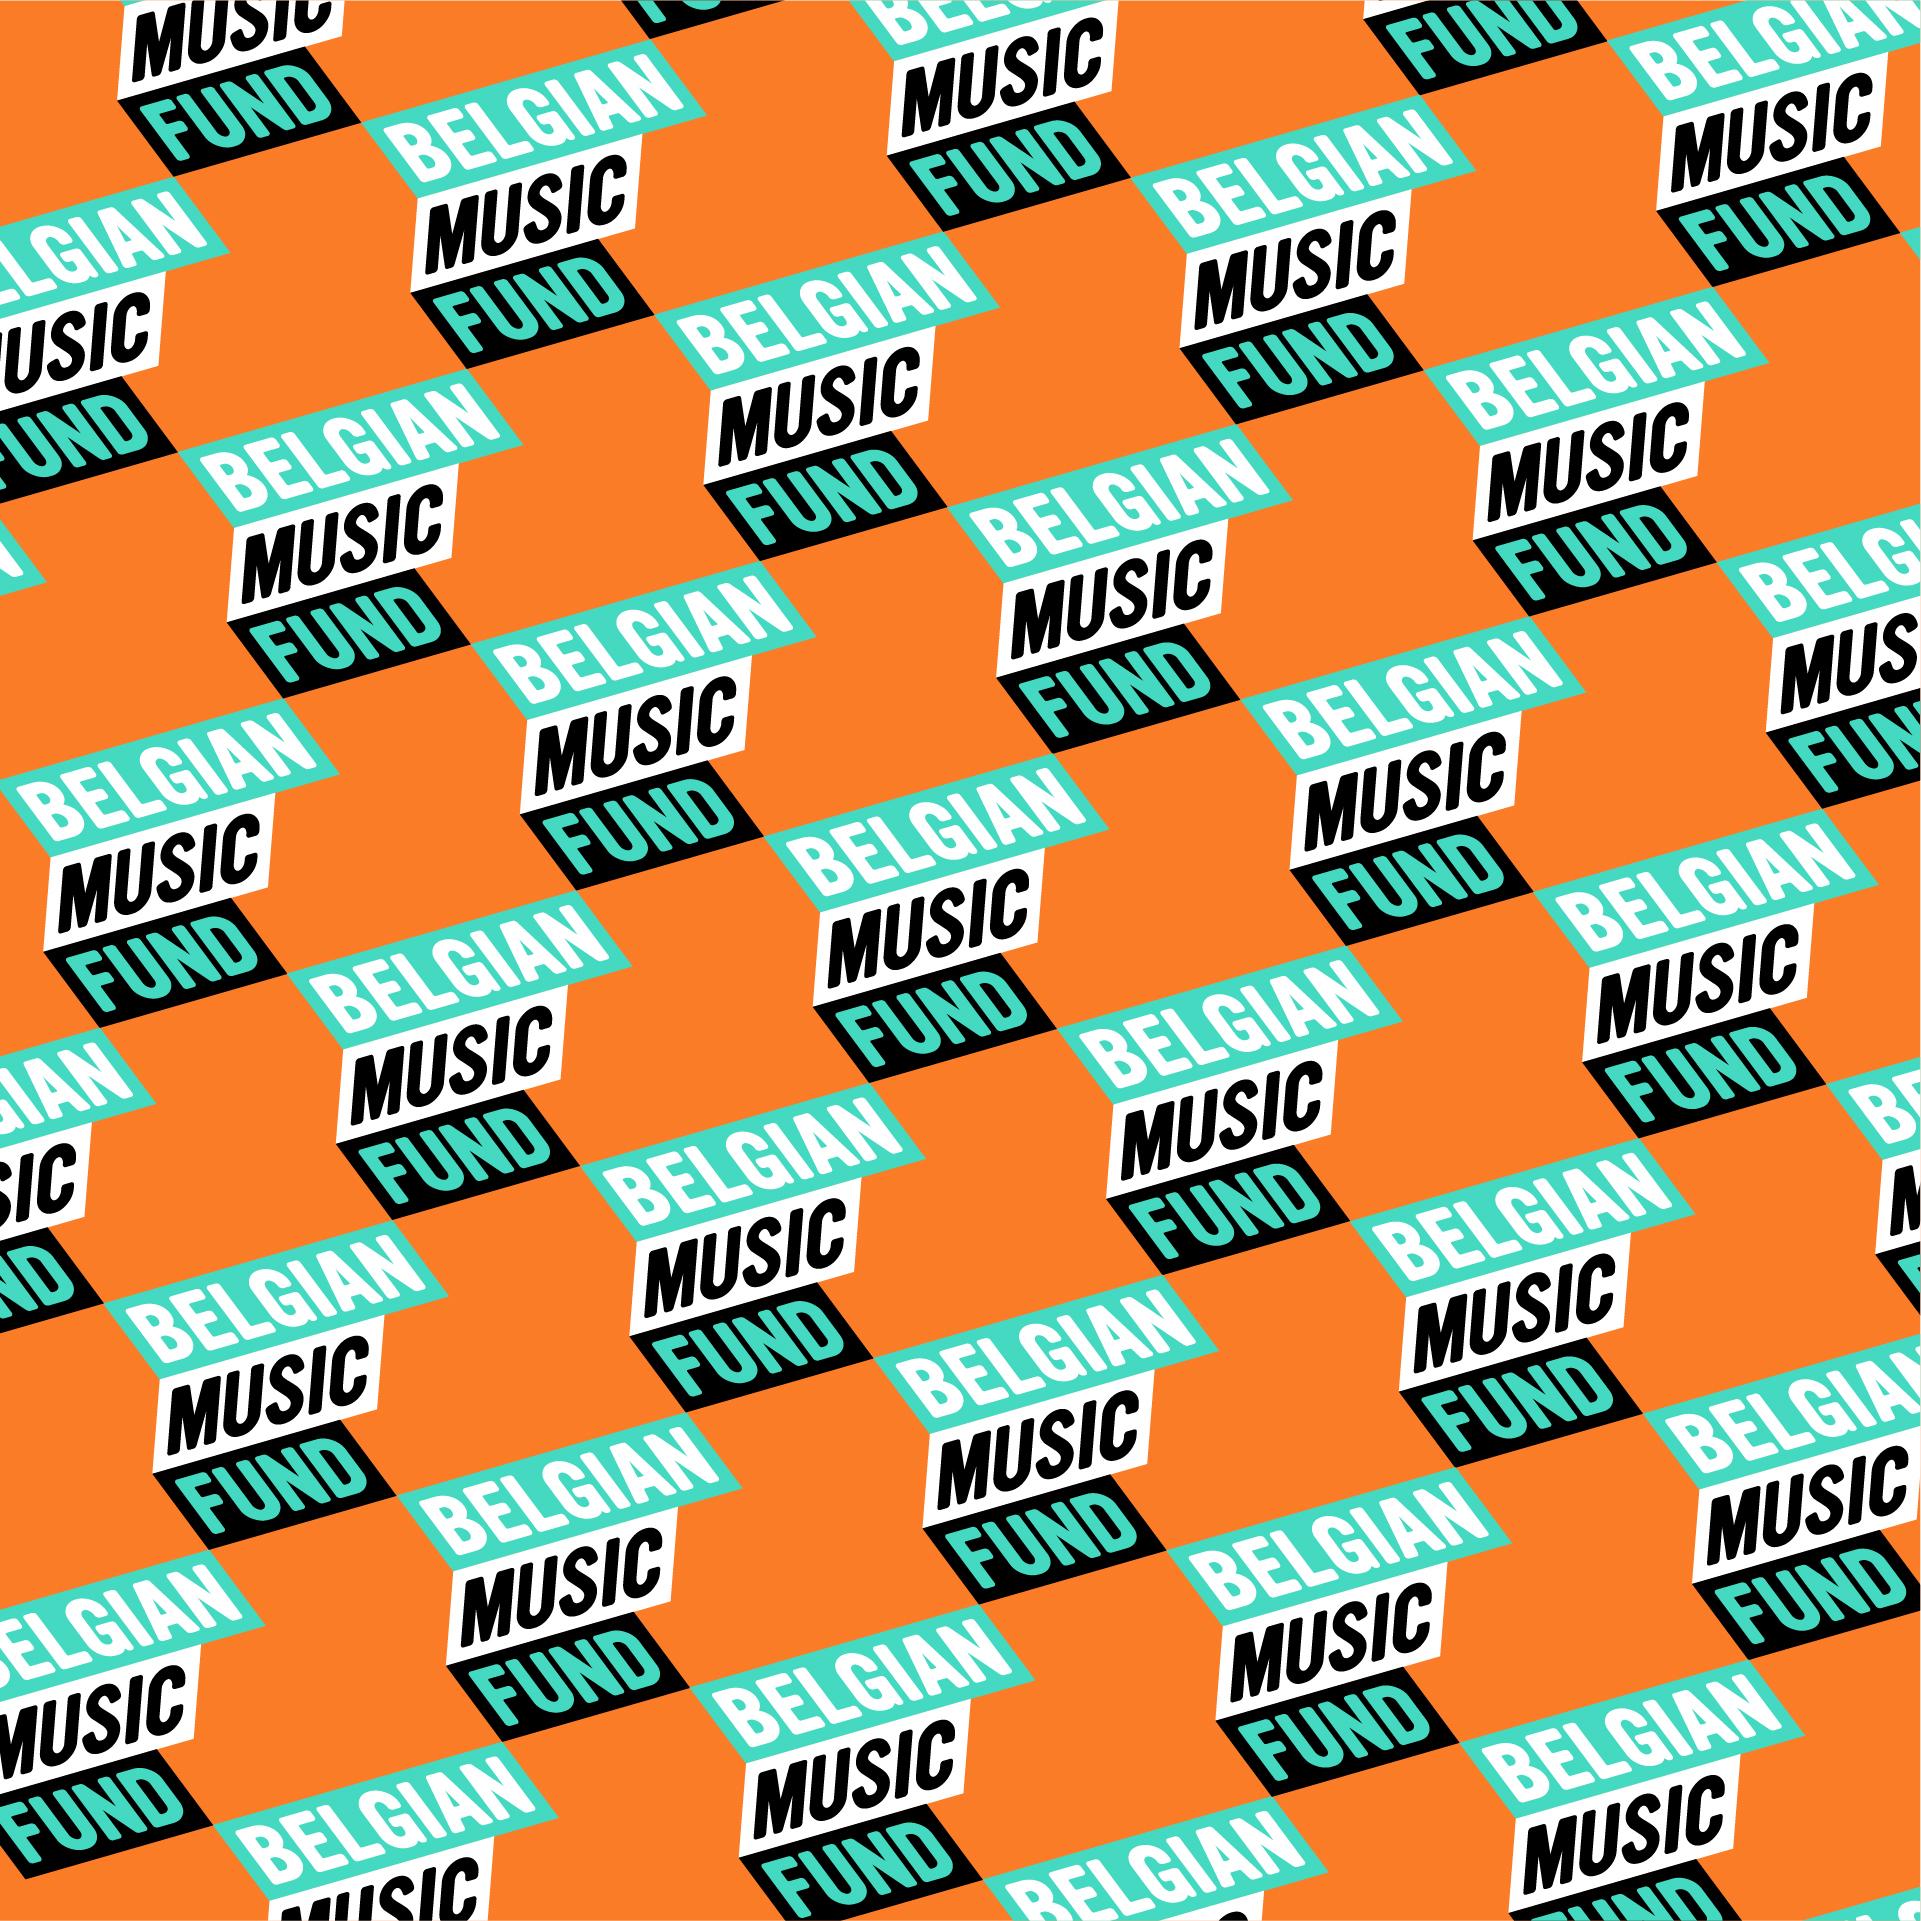 Belgian Music Fund: un fonds de soutien pour les musiciens belges